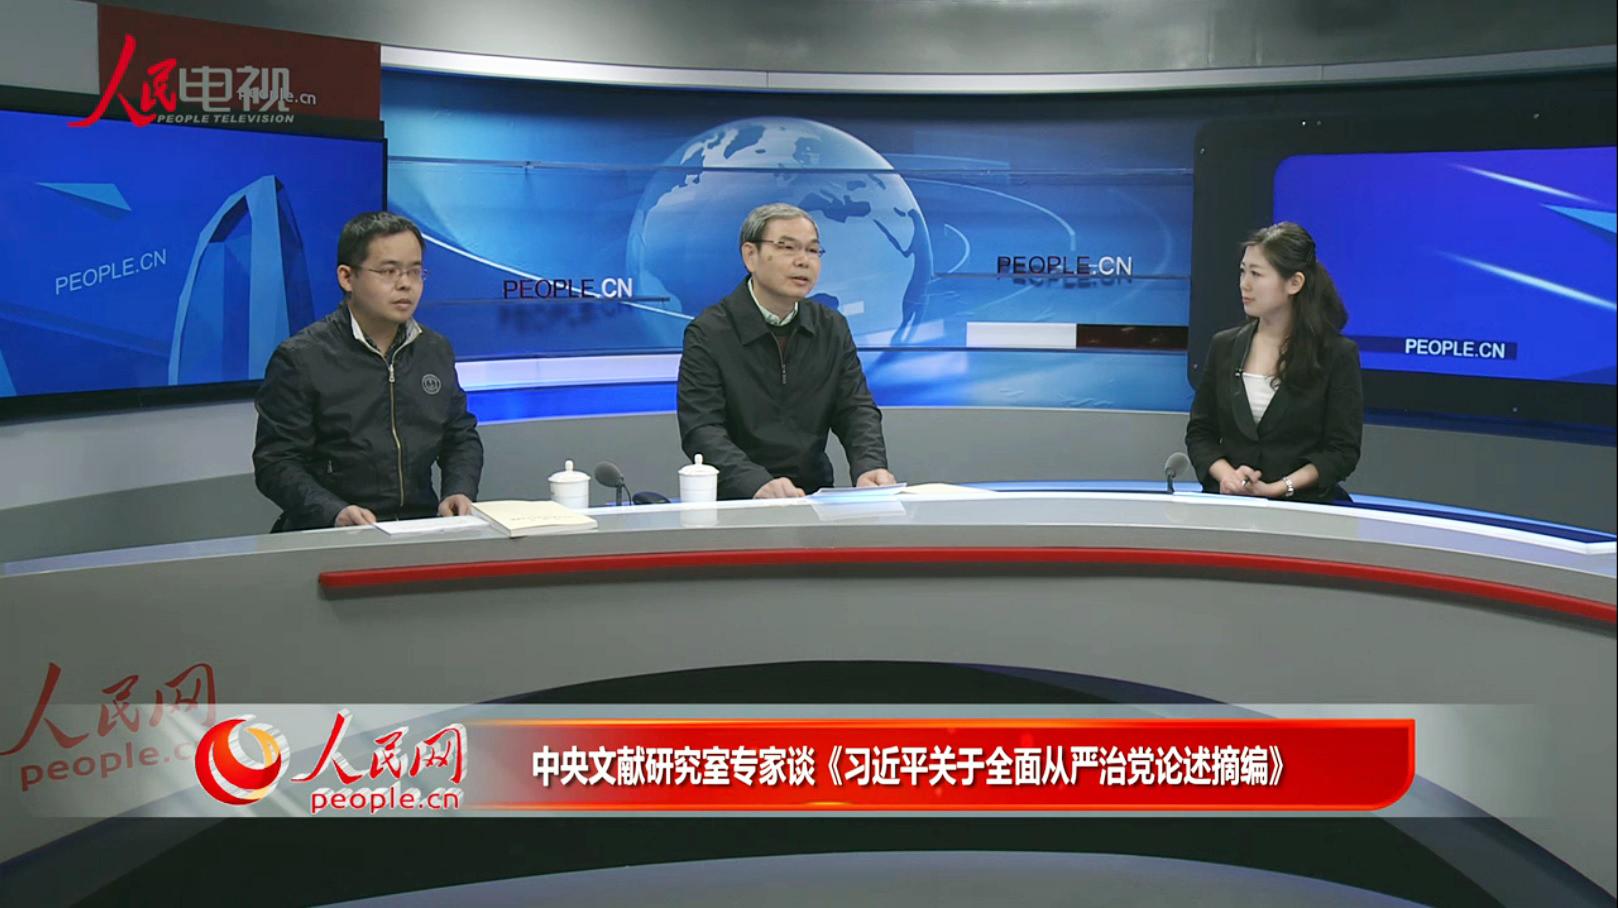 陈理、郭如才谈《习近平关于全面从严治党论述摘编》